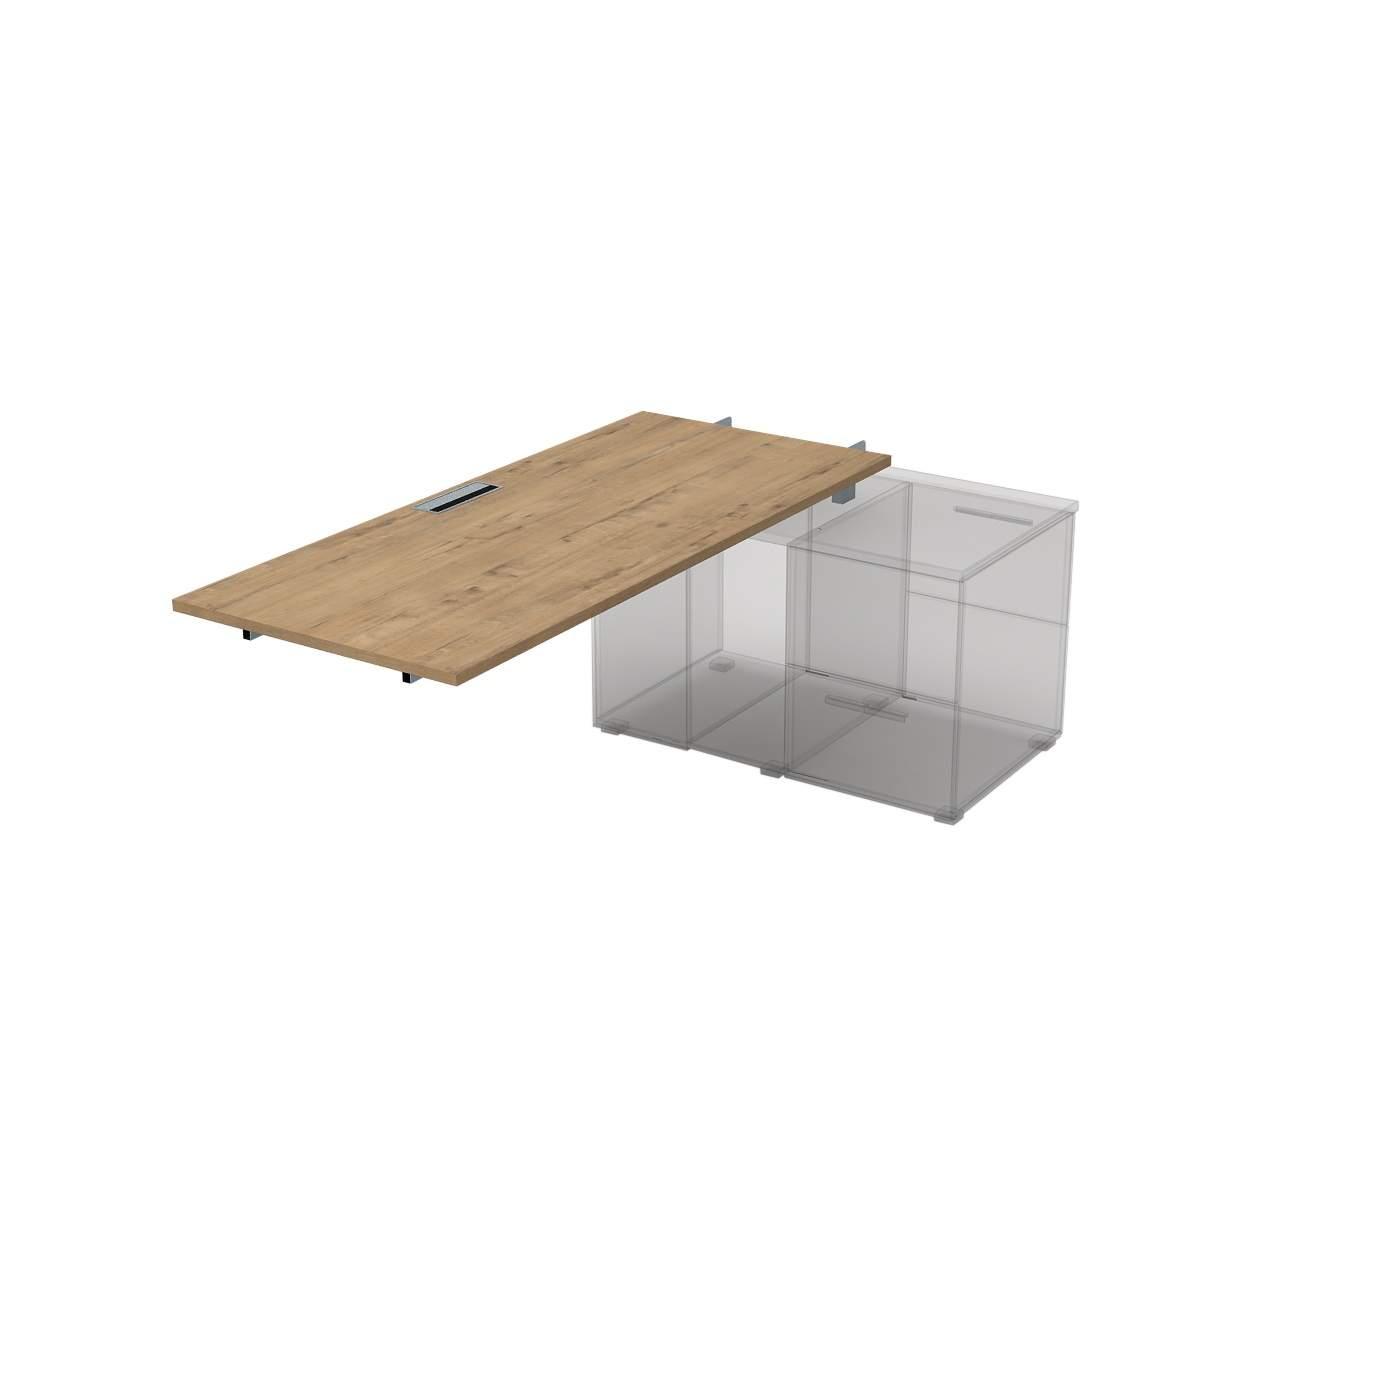 Стол для крепления на тумбу, средний модуль 1400х700х750